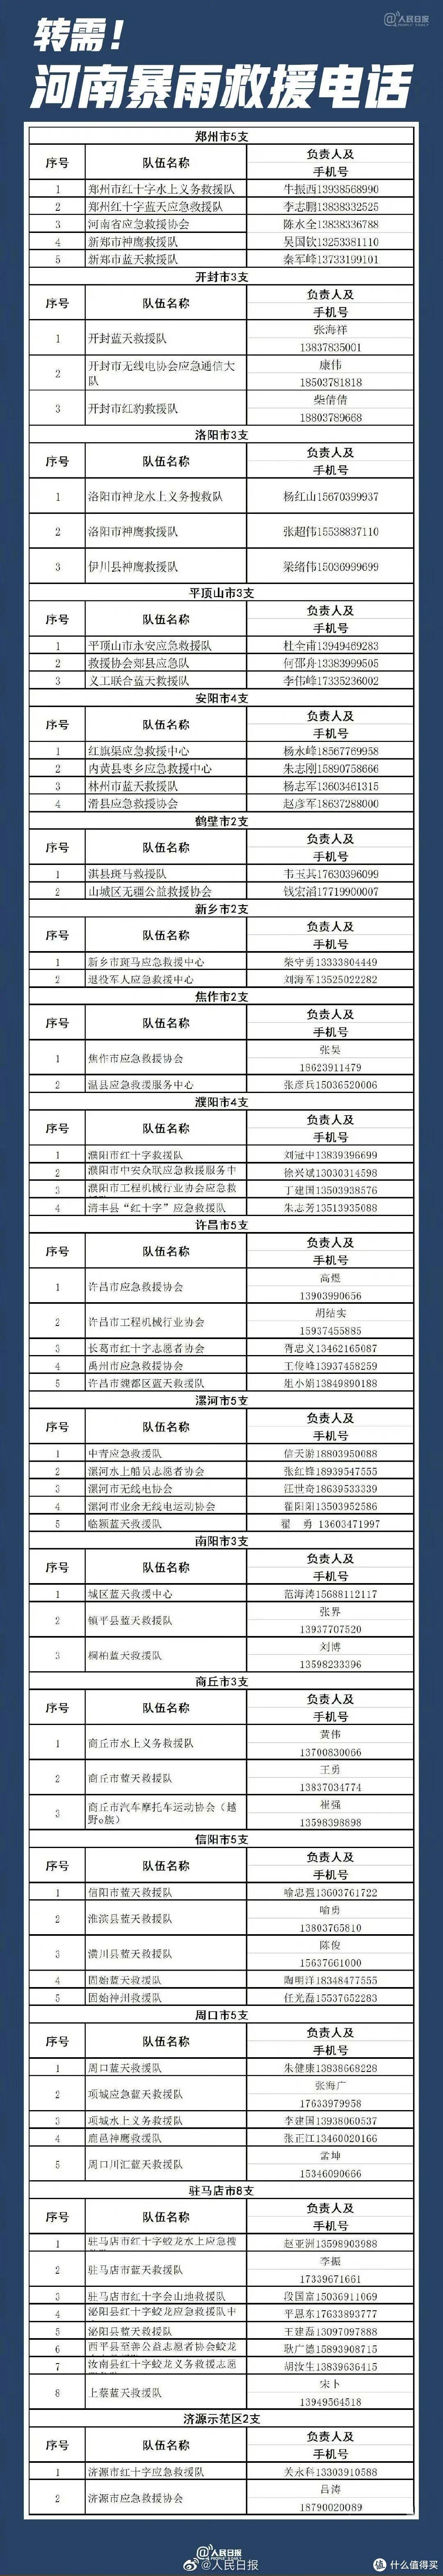 河南郑州暴雨灾害,车险人身险家财险如何理赔?这些问题你一定要知道!